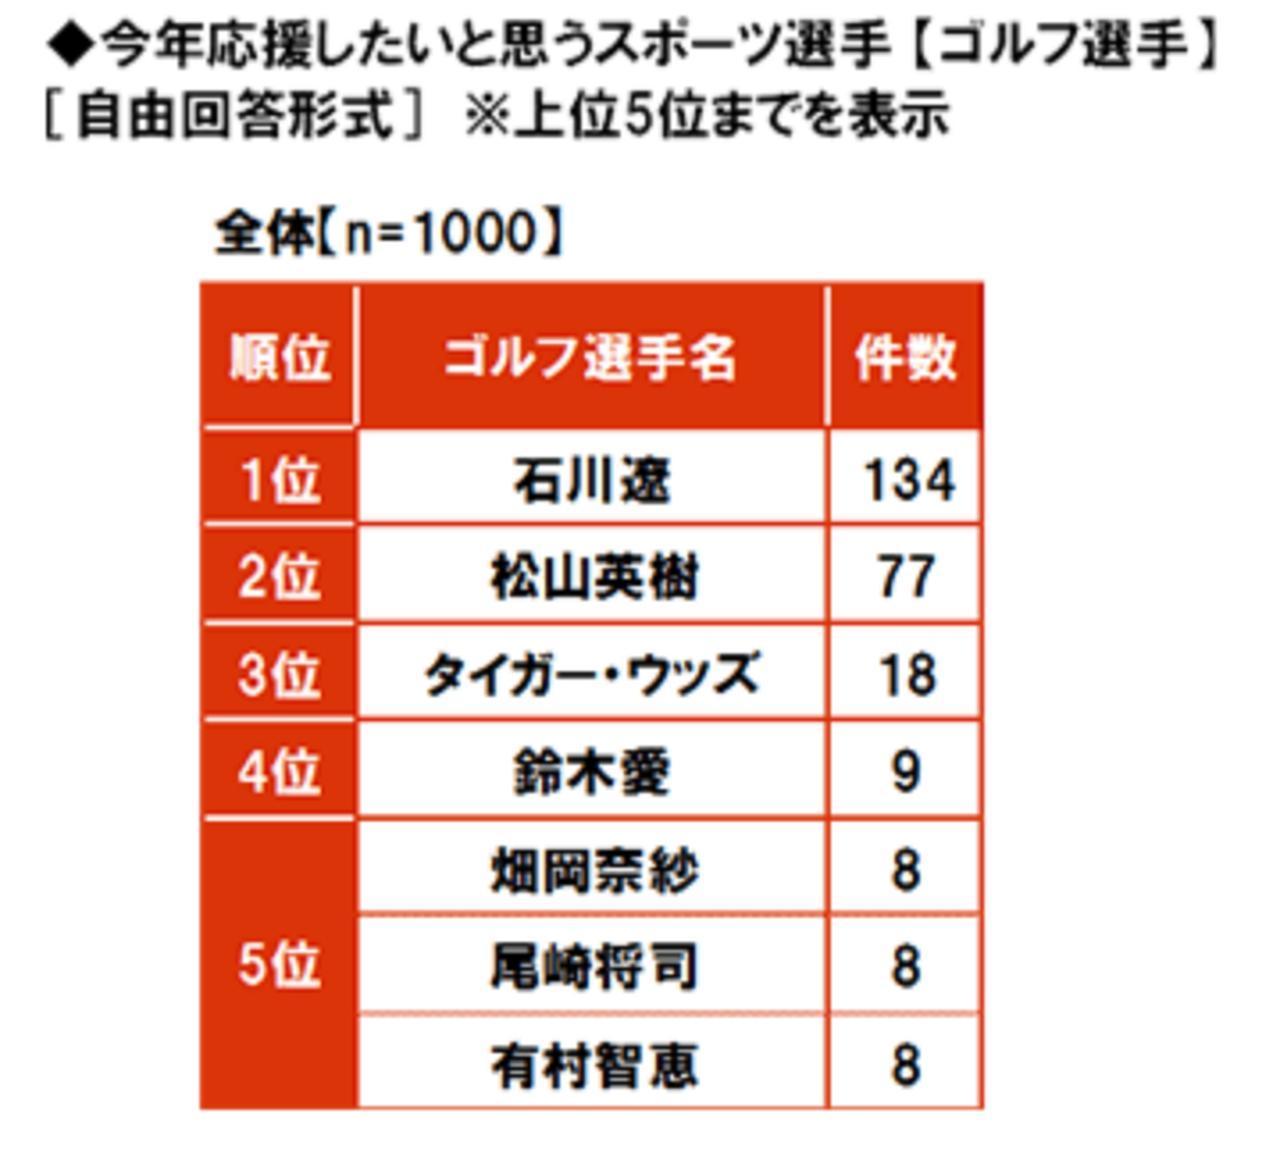 画像: 投票結果がこちら(大和ネクスト銀行のHPより引用) www.bank-daiwa.co.jp